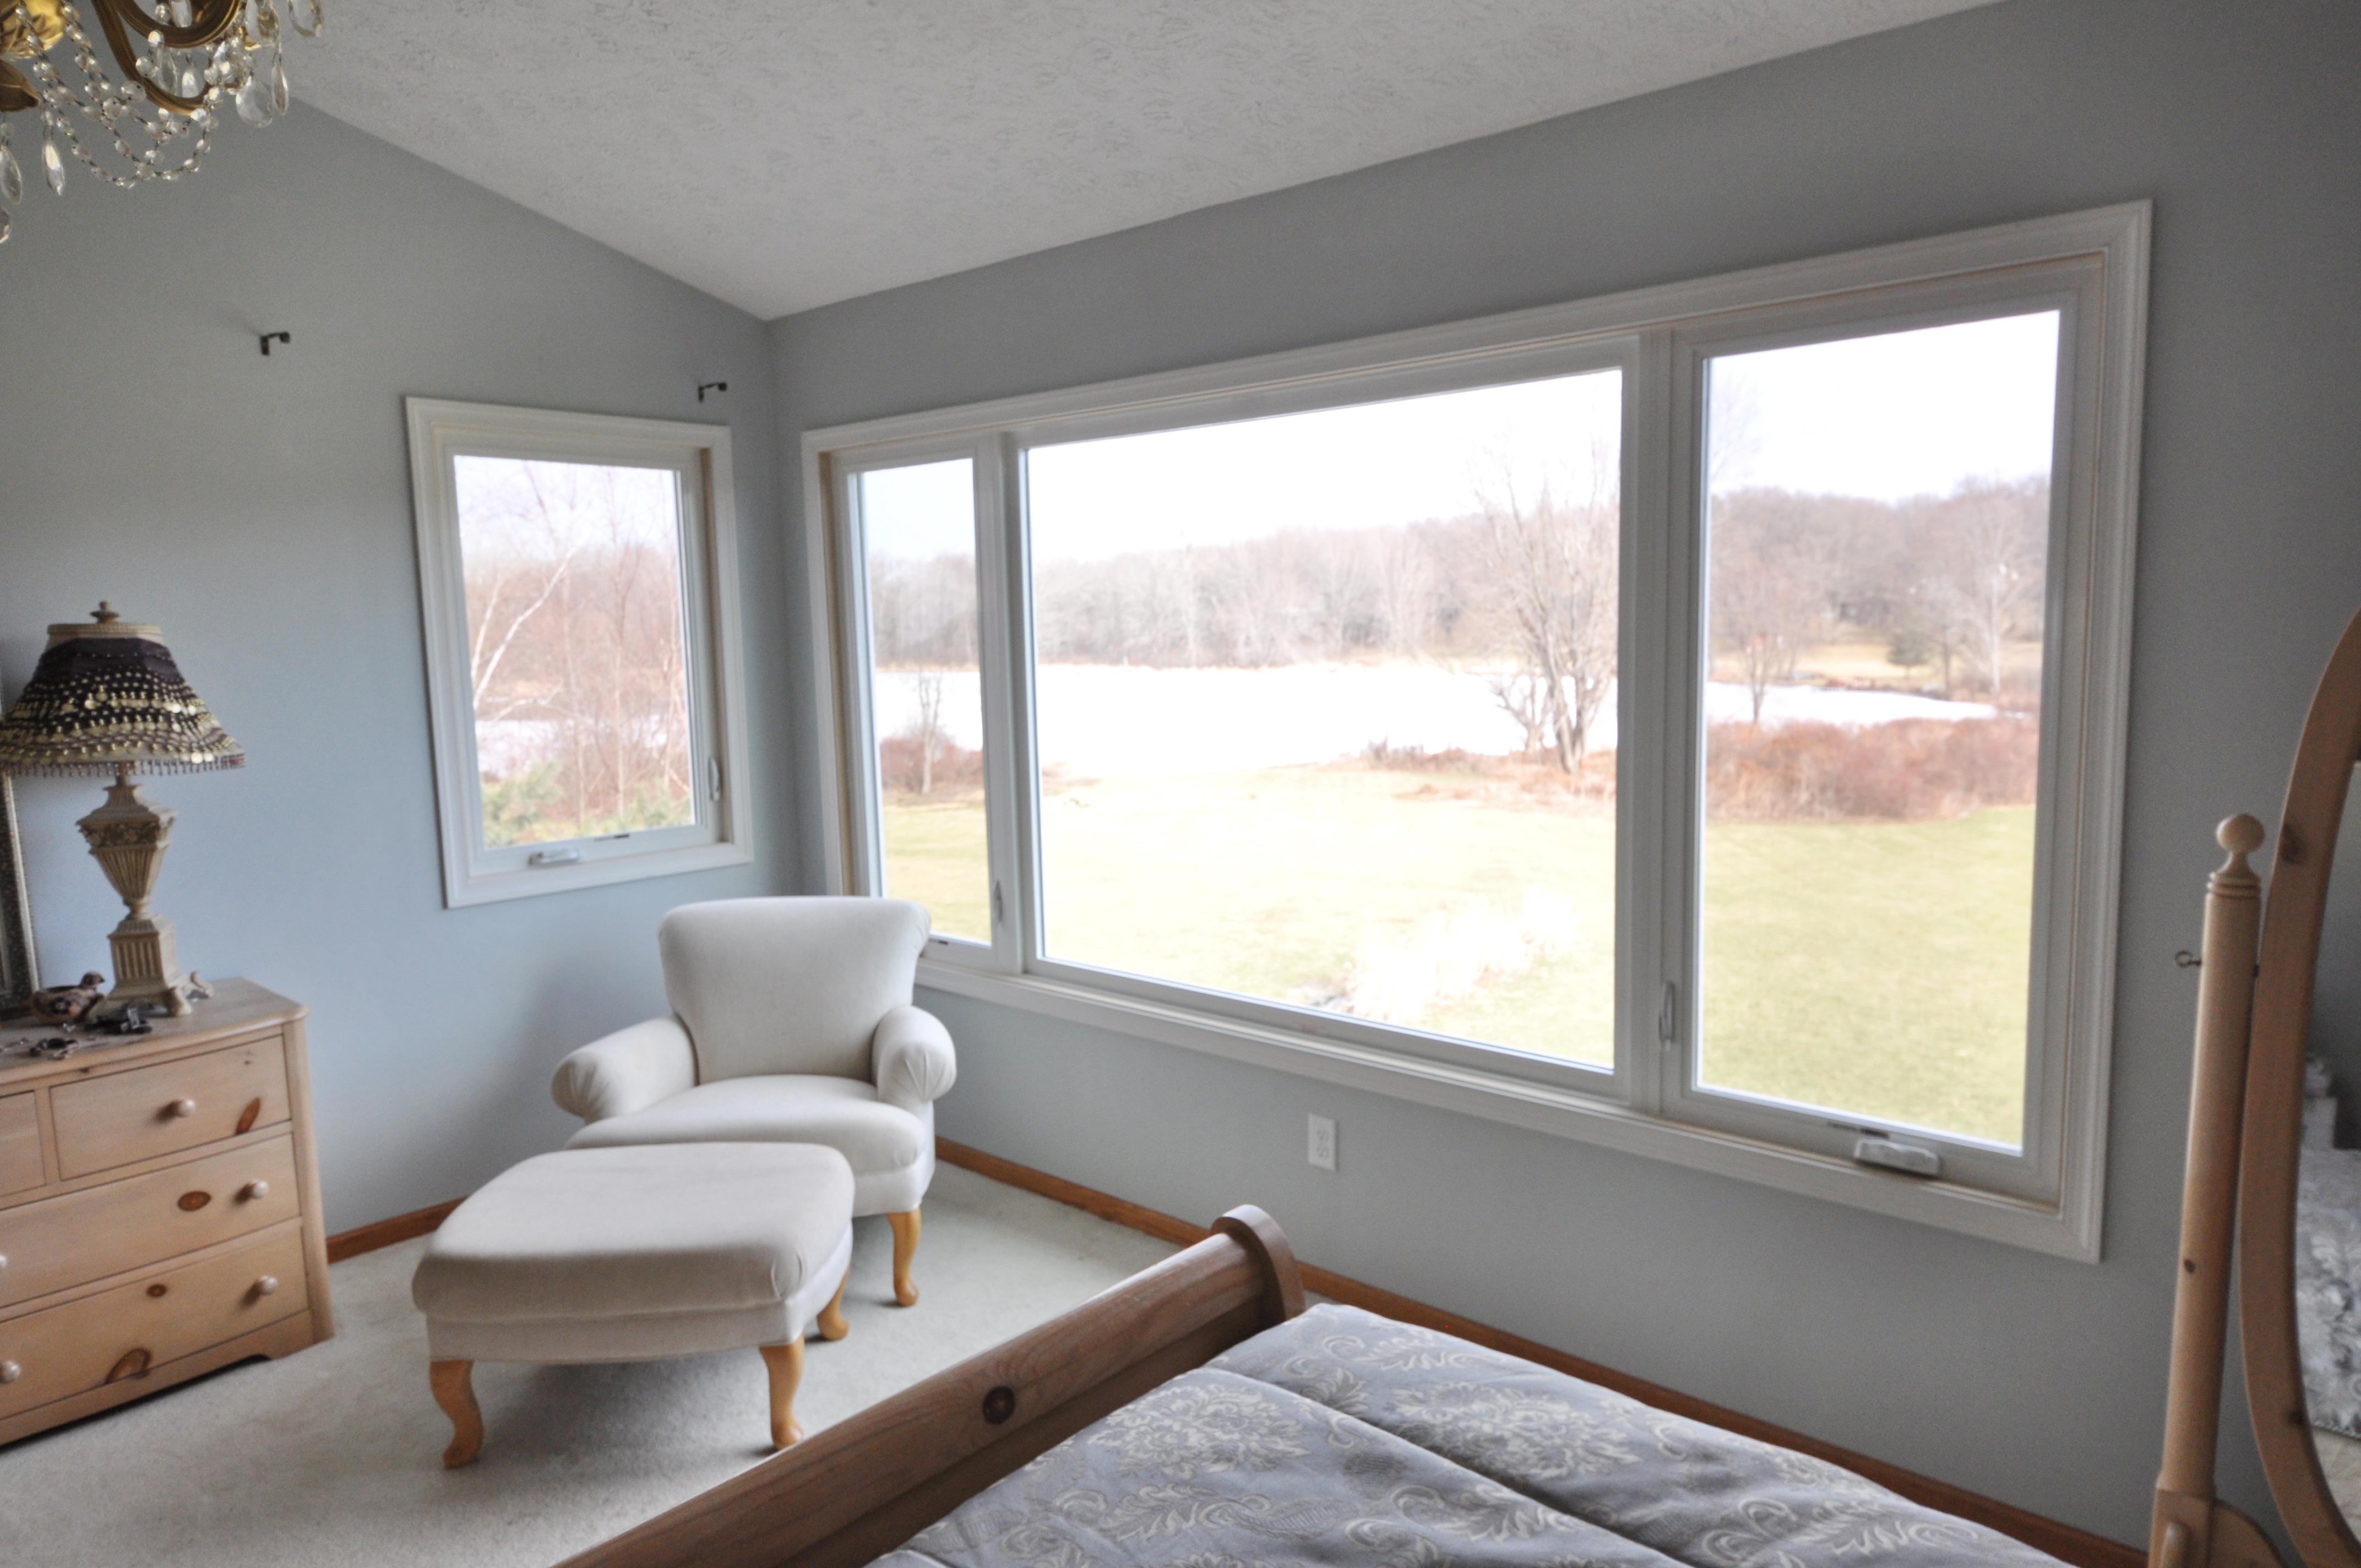 New bedroom window